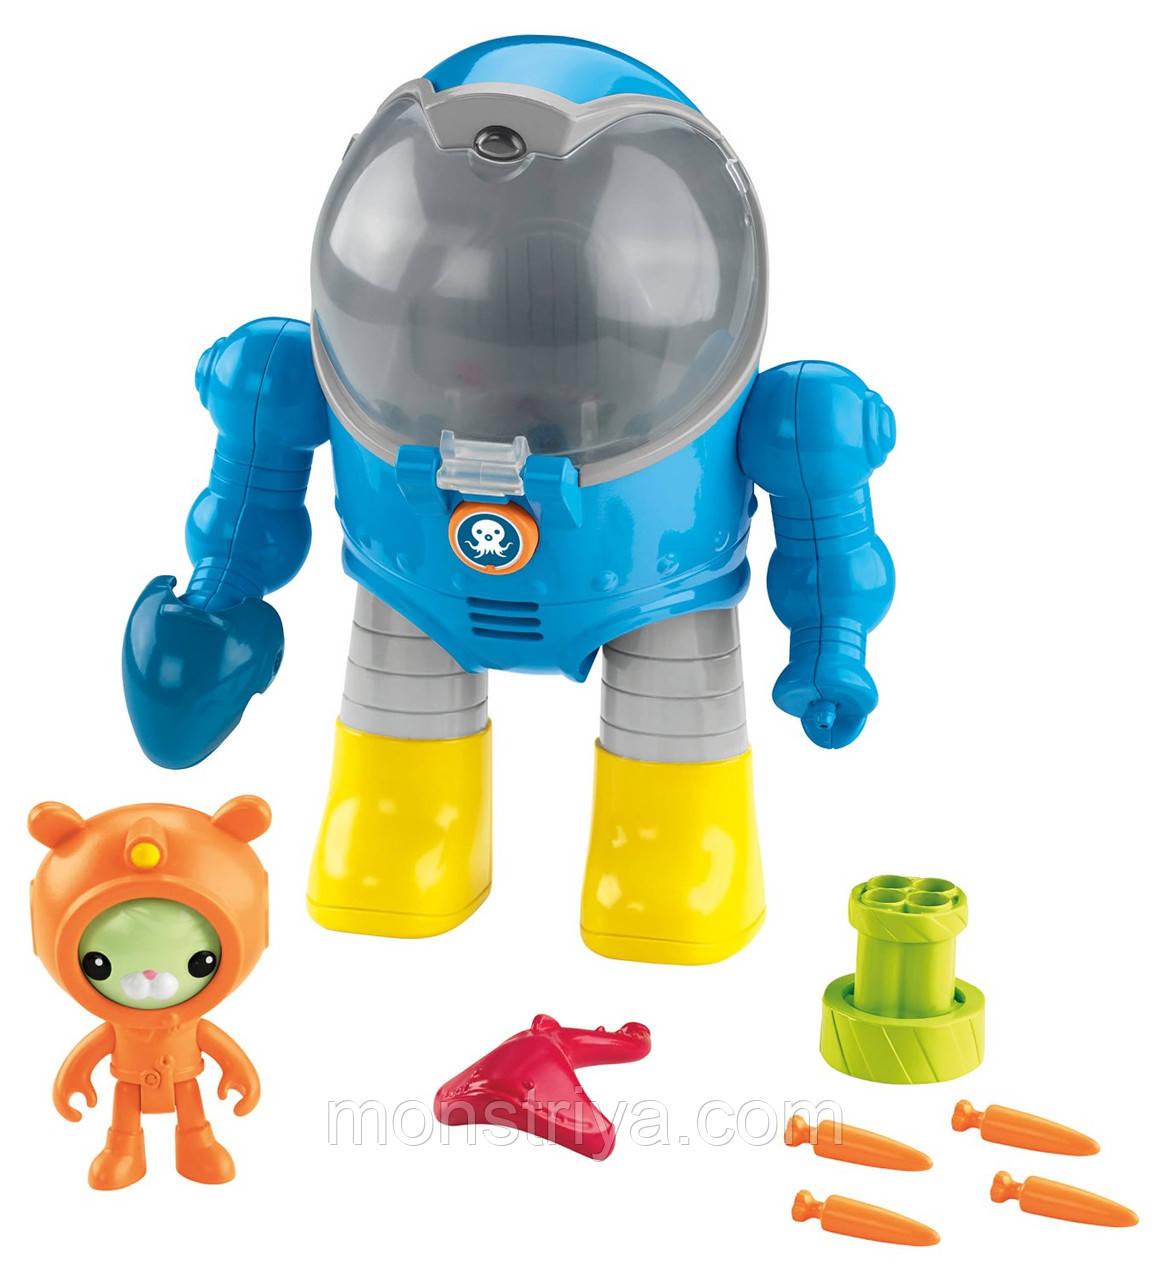 Купить игрушки октонафты